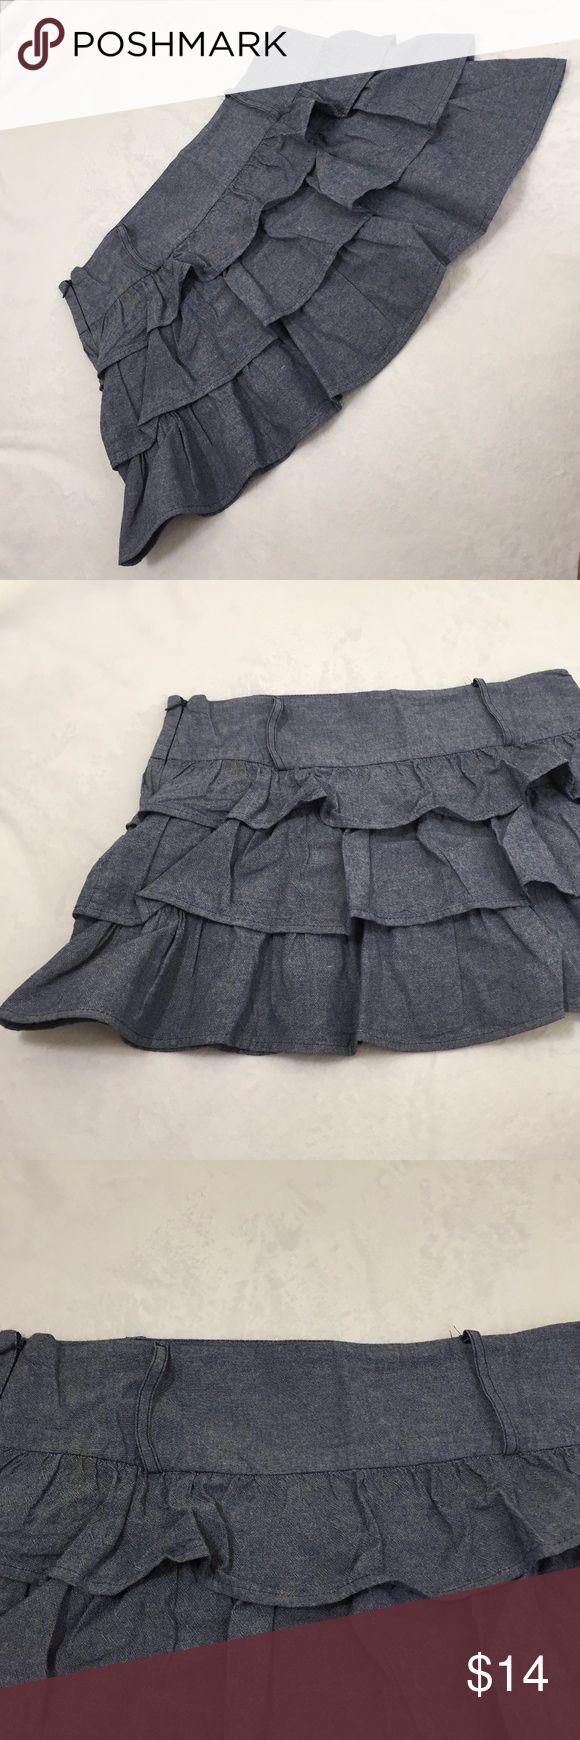 Body Central skirt Body Central Skirt in womens cute ruffle skirt  SK-1 Body Central Skirts Mini